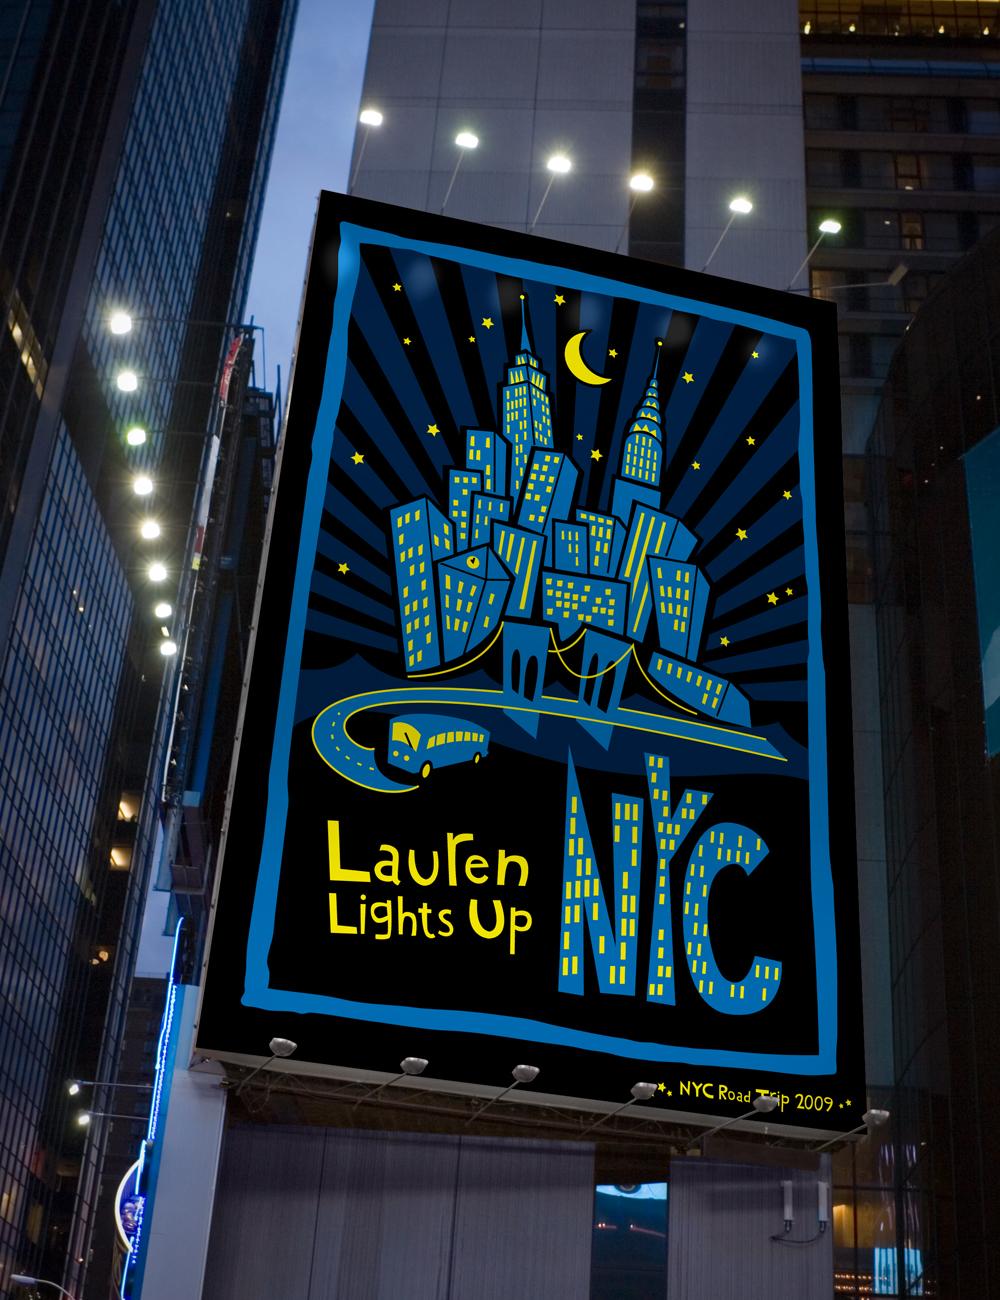 laurenlightsupNYC.jpg